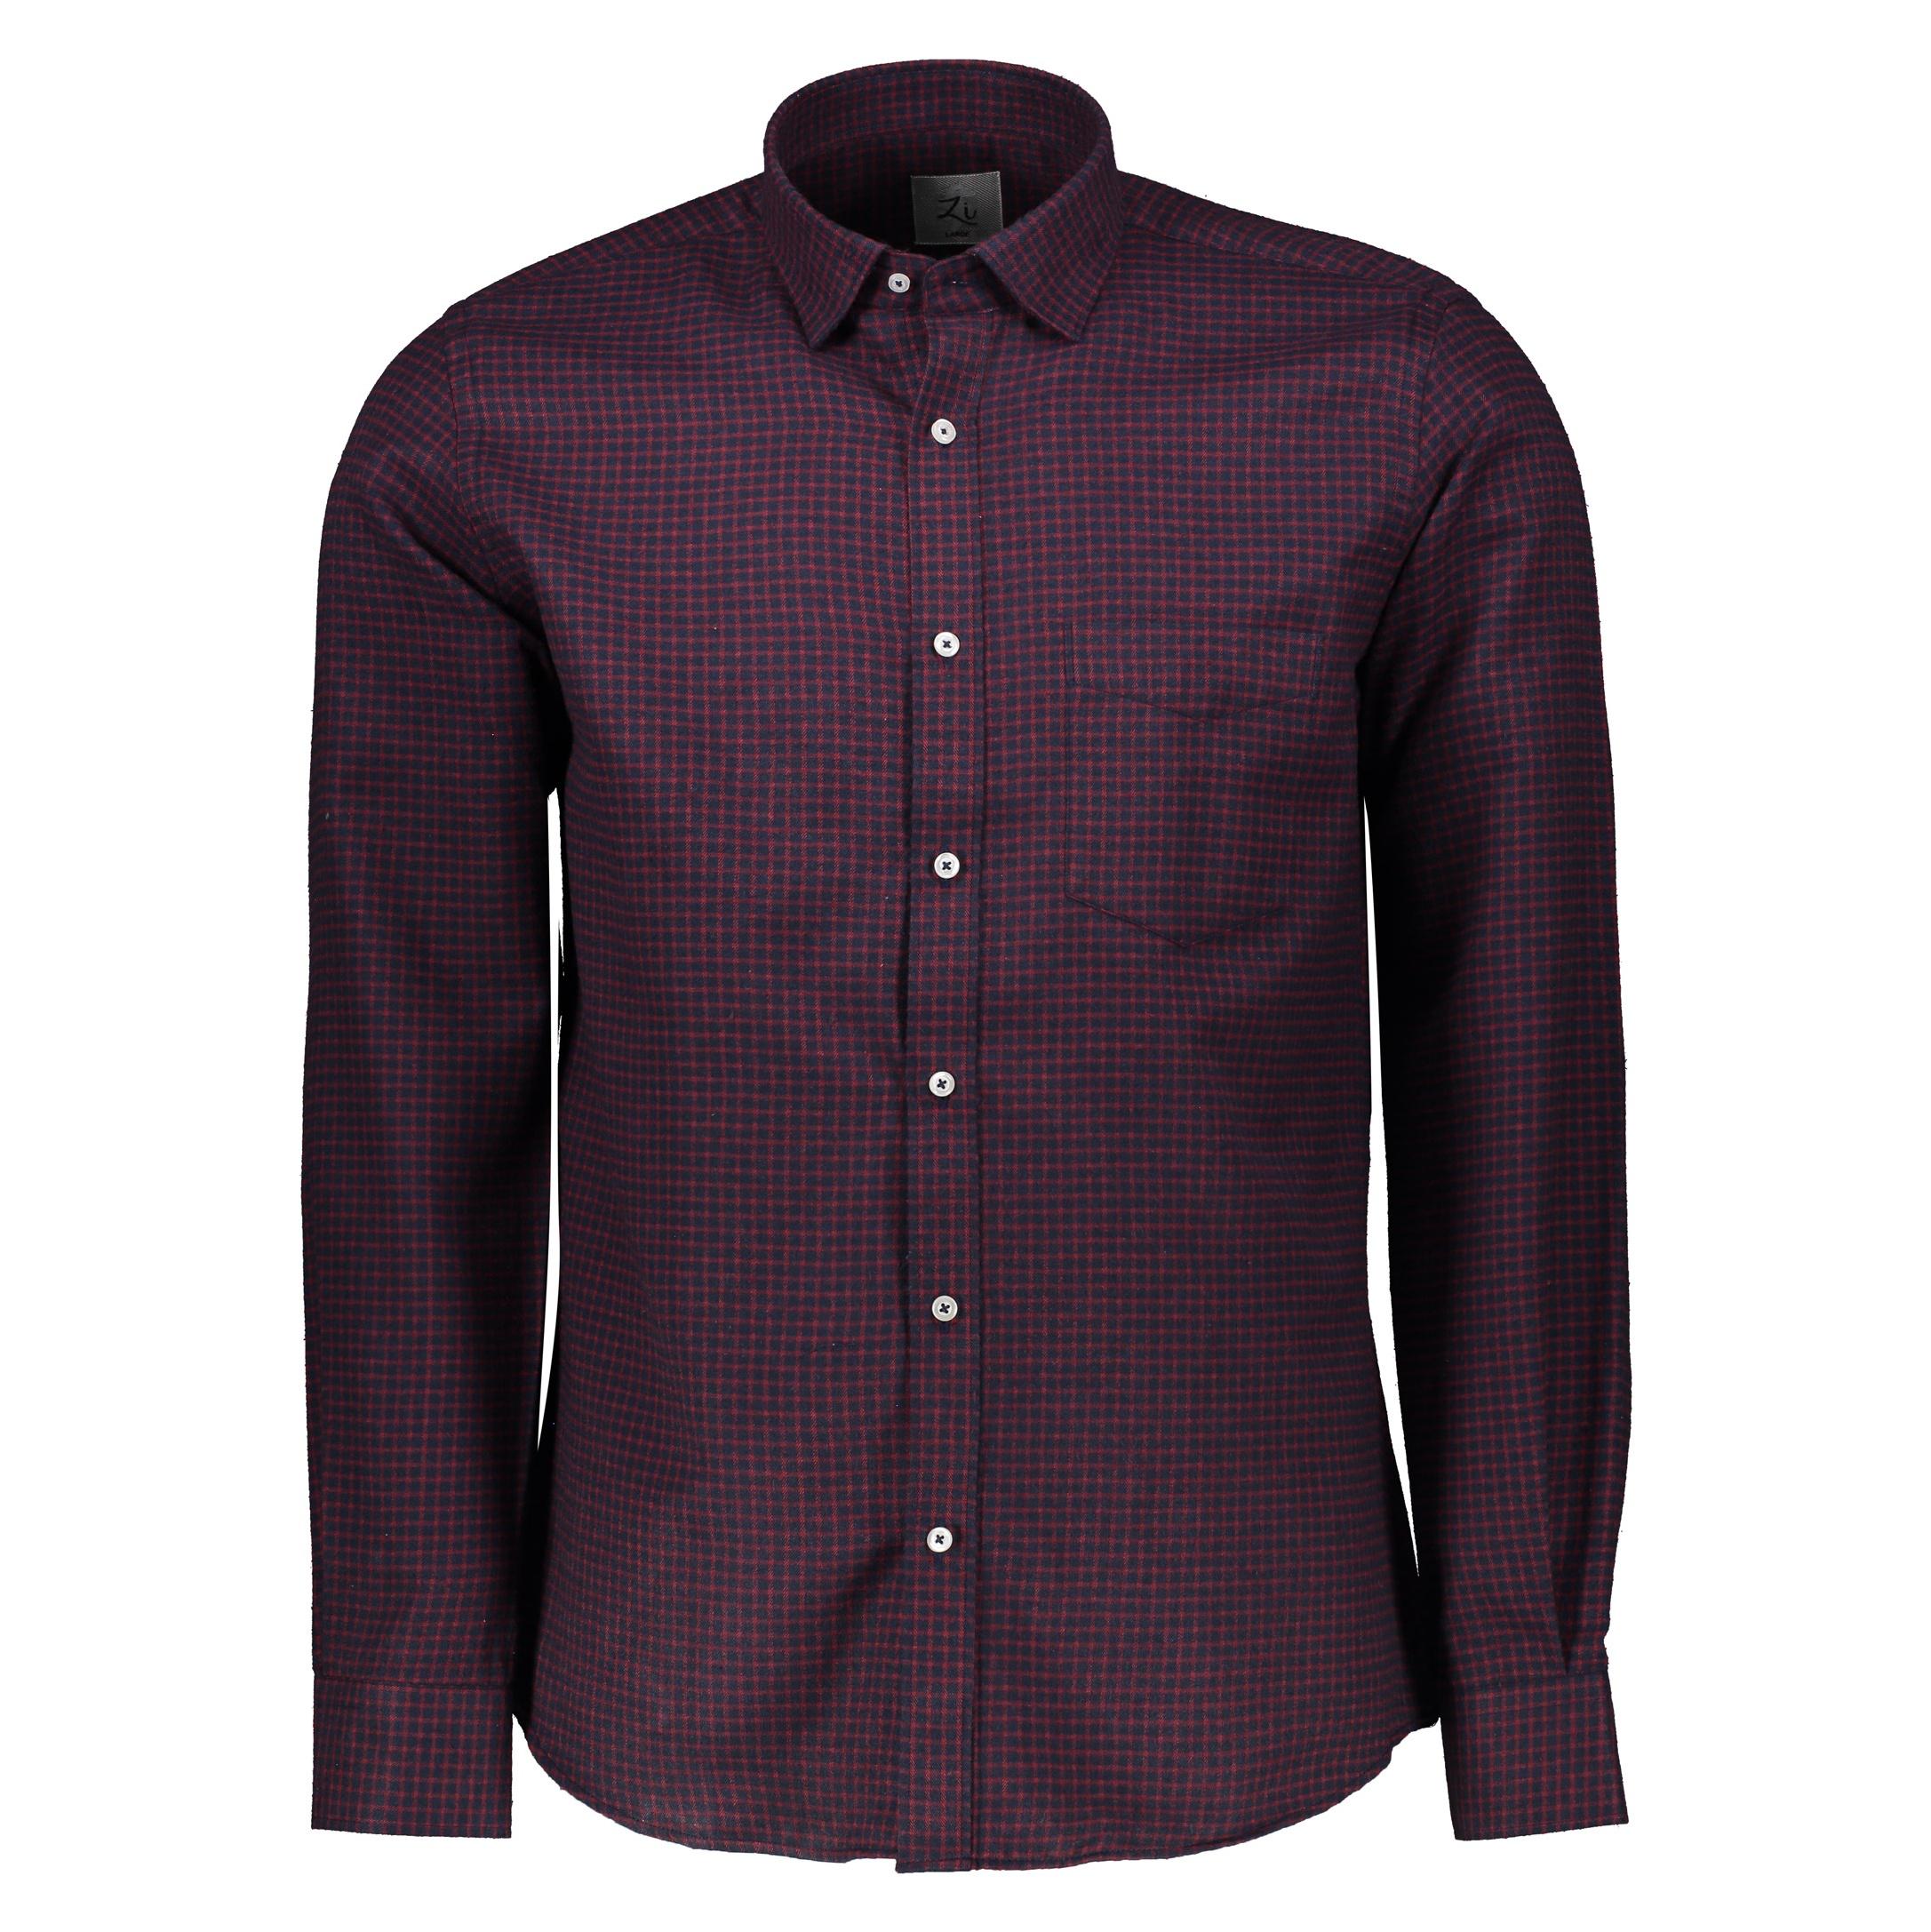 پیراهن مردانه زی مدل 15311615970  Zi 15311615970 Shirt For Men